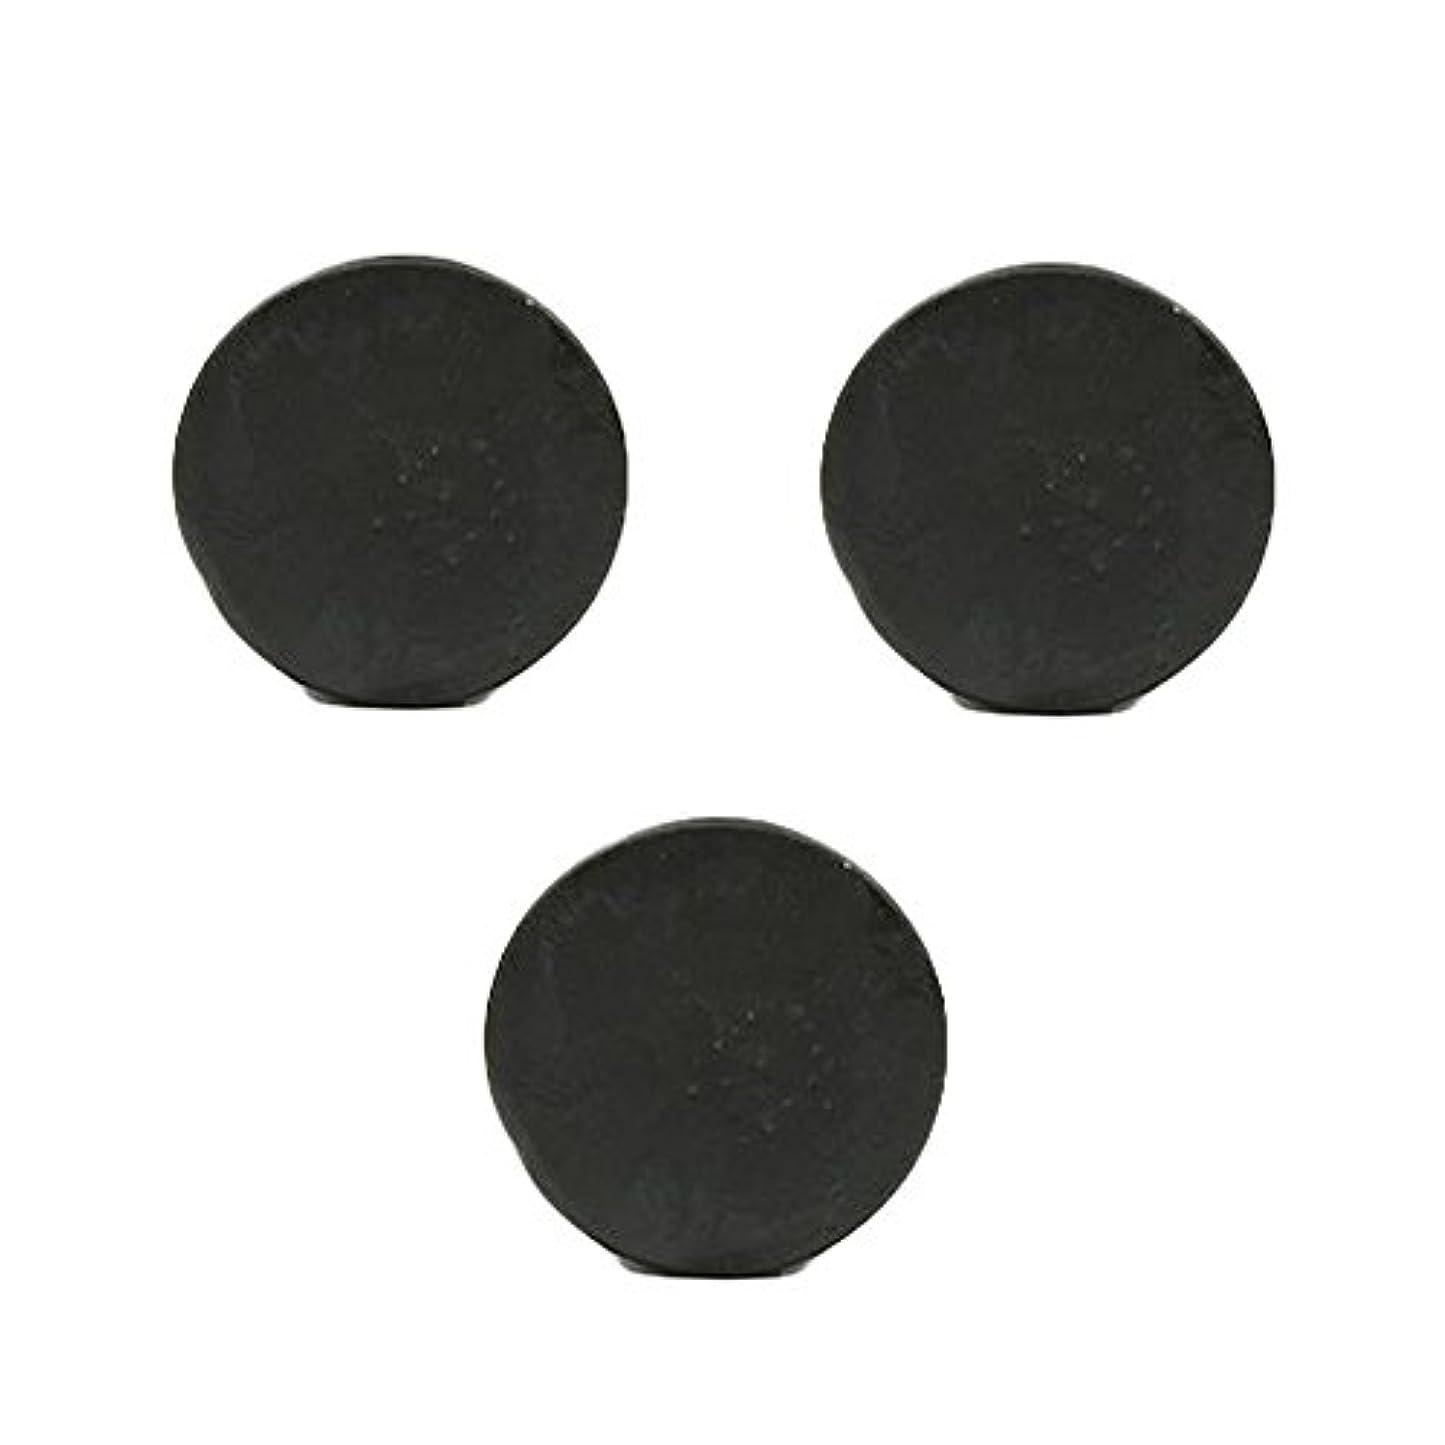 置き場従事する進化薬用人参クレンジングソープ3個 / Fermented Dark Black Ginseng Cleansing Soap 3pcs[海外直送品] [並行輸入品]